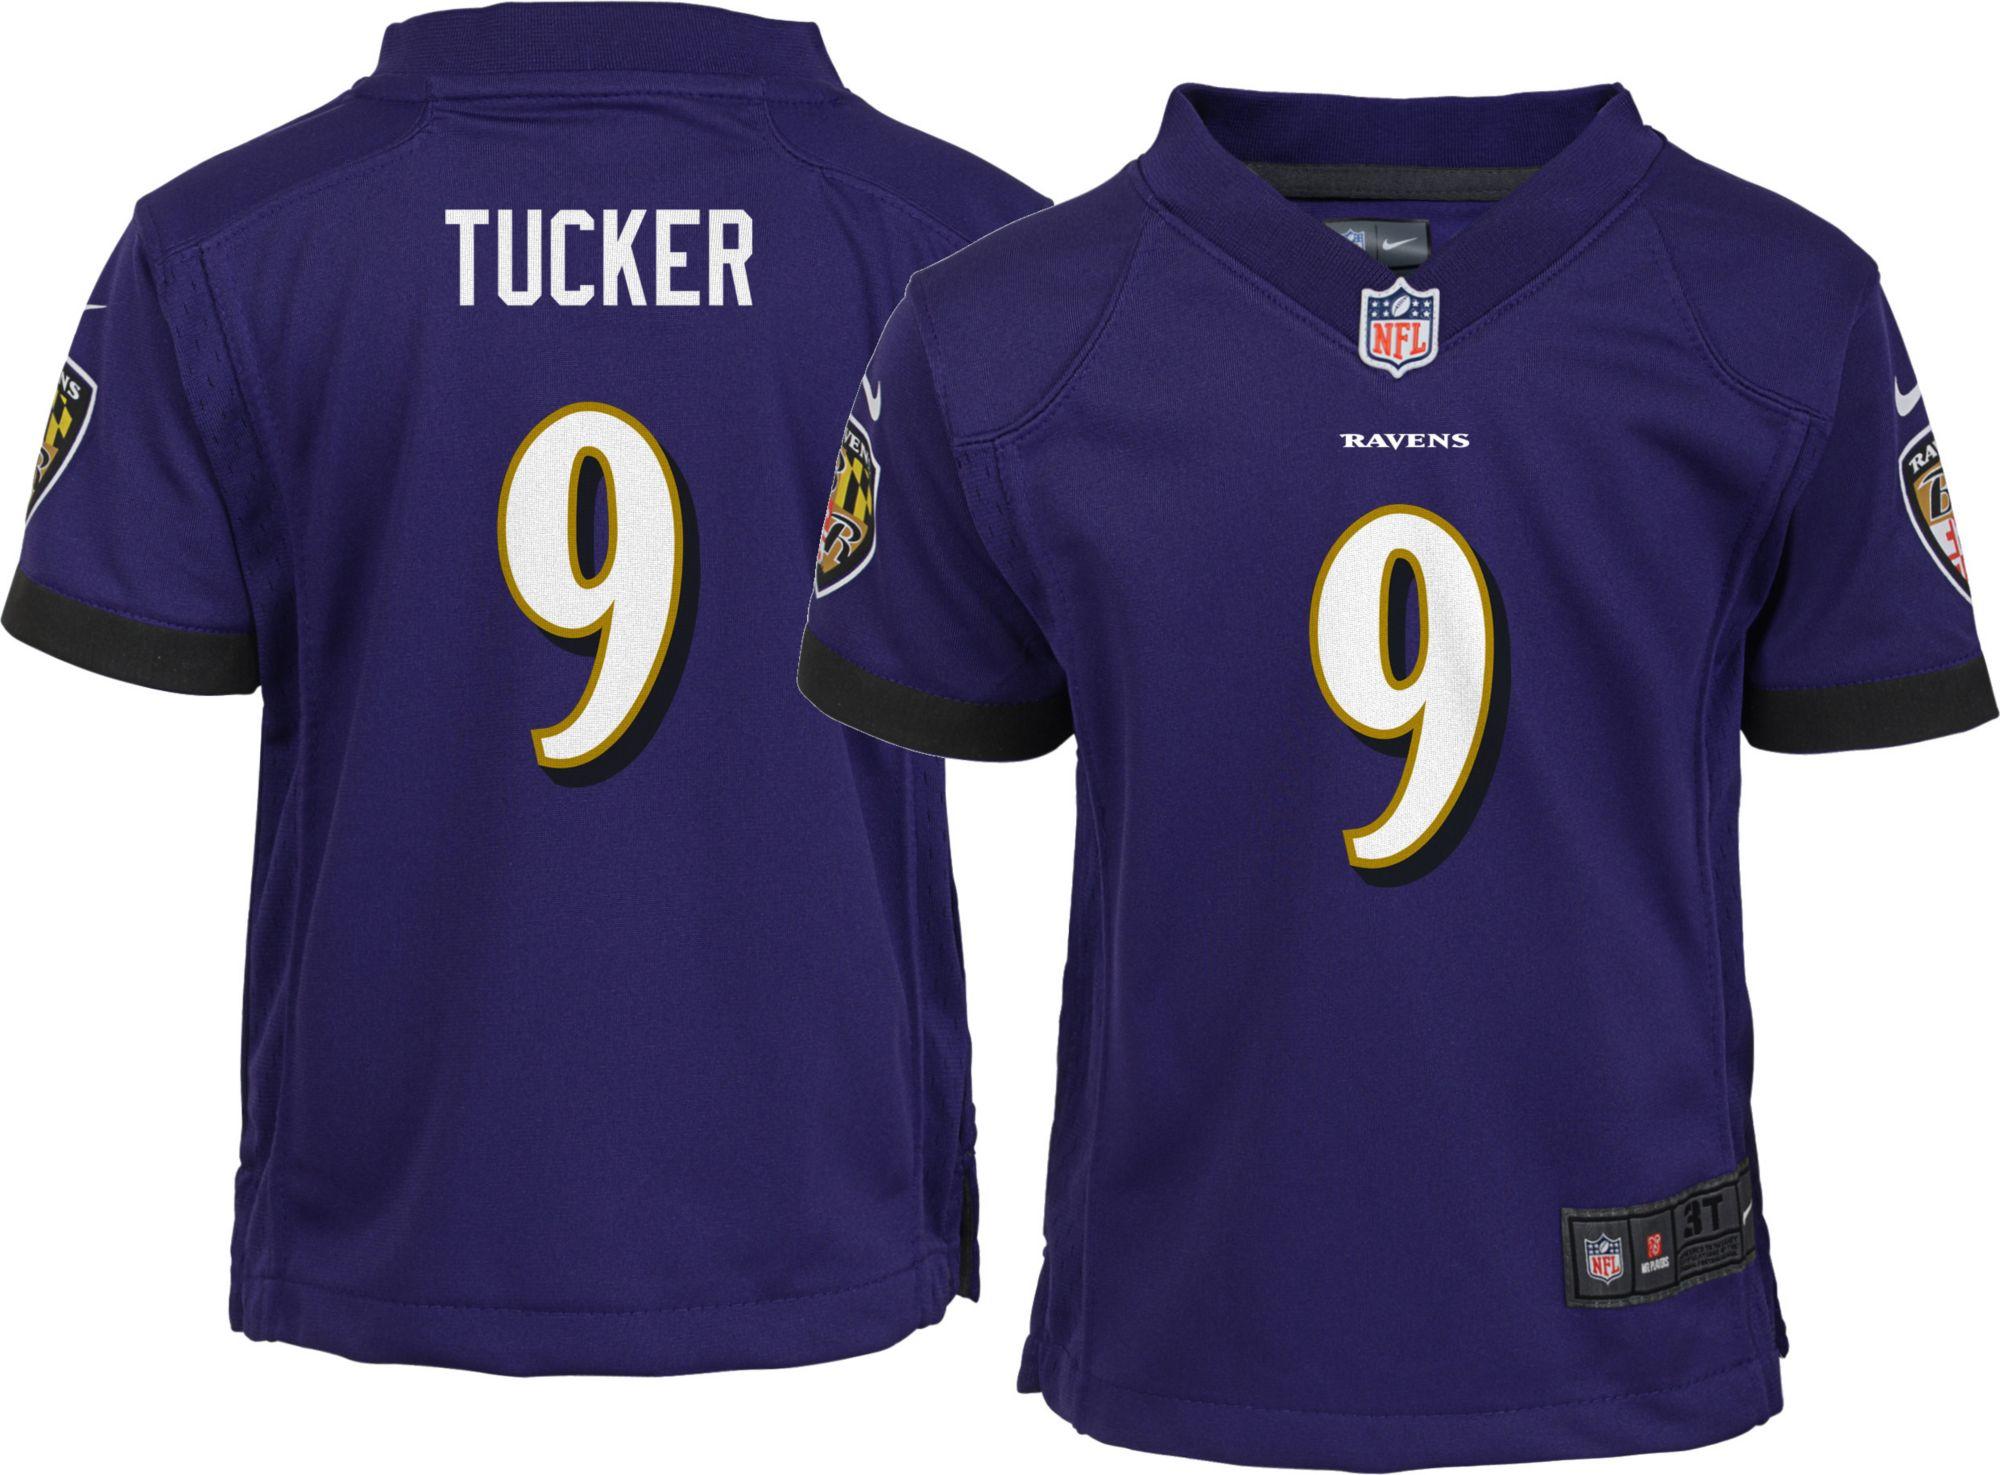 Justin Tucker NFL Jersey